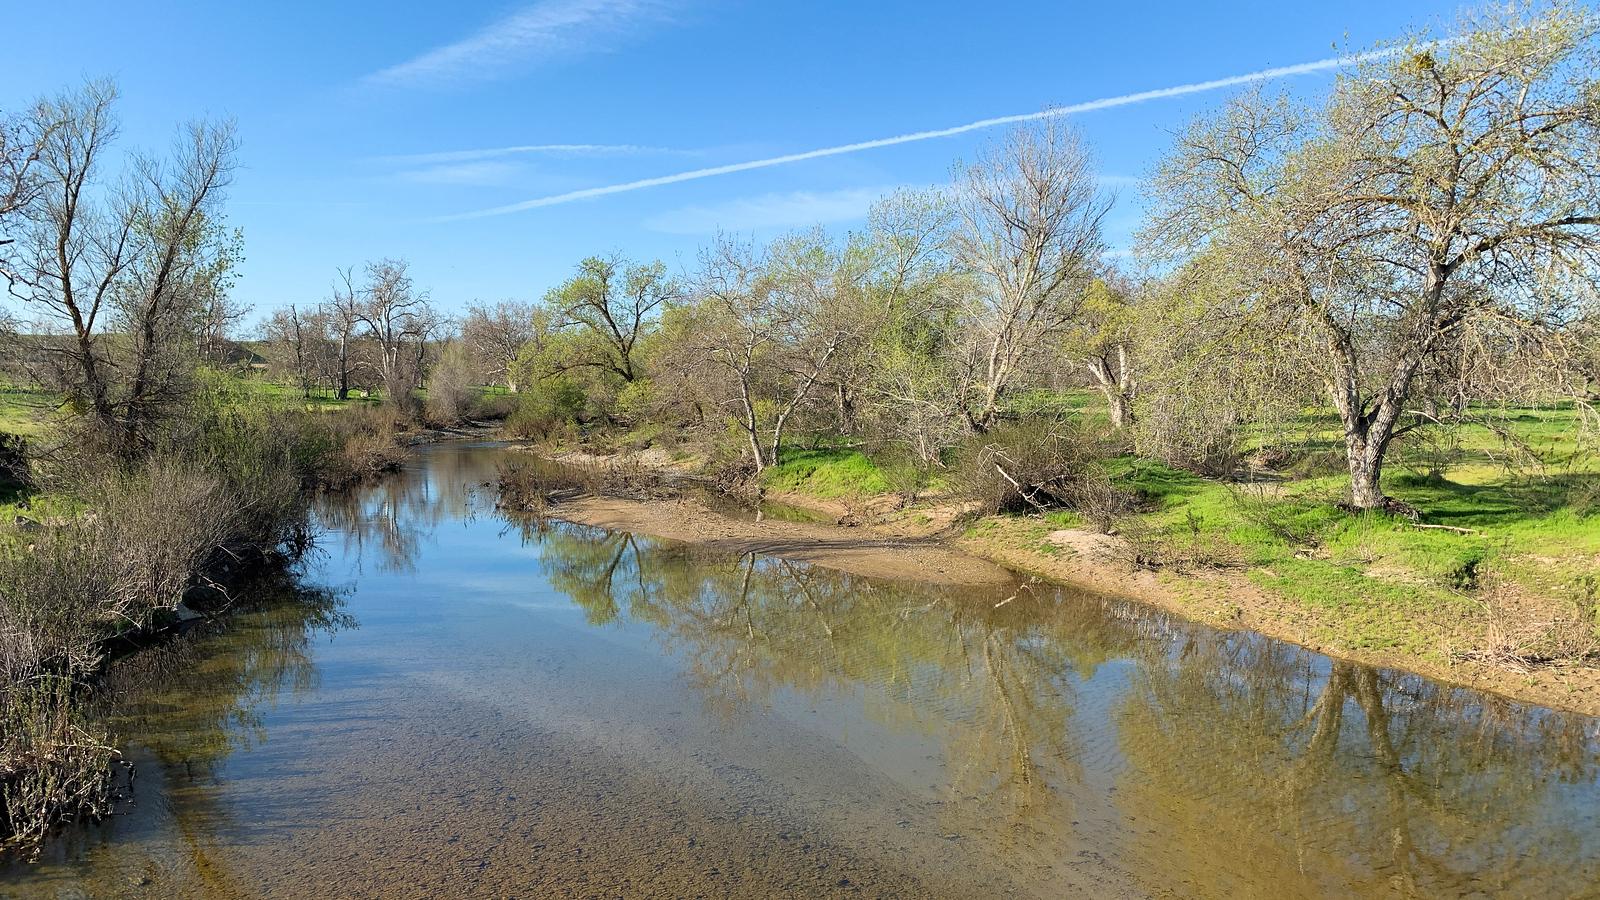 Orestimba Creek